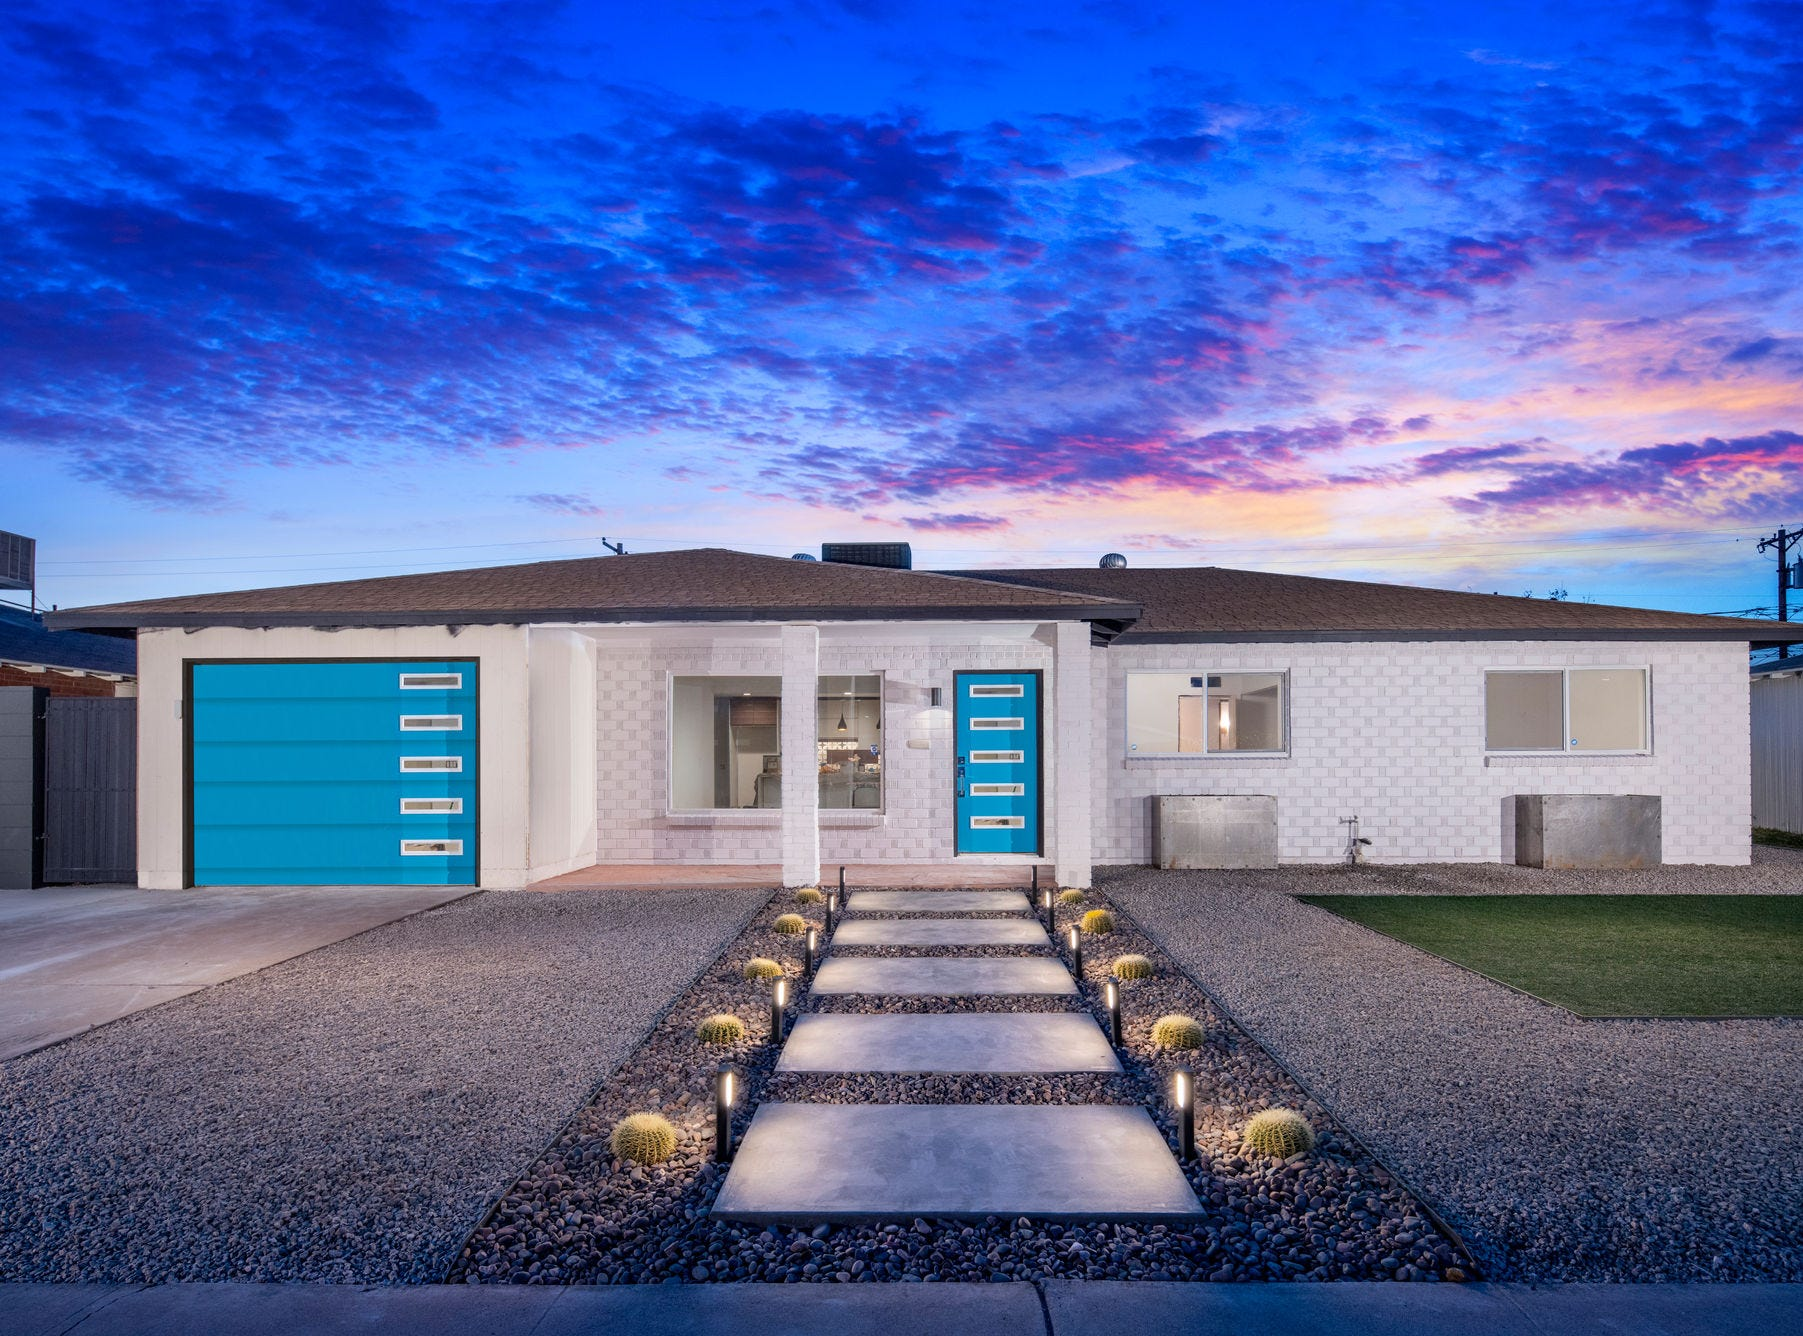 Owner Karl Freund spent $100,000 renovating his 1958 Hallcraft home.